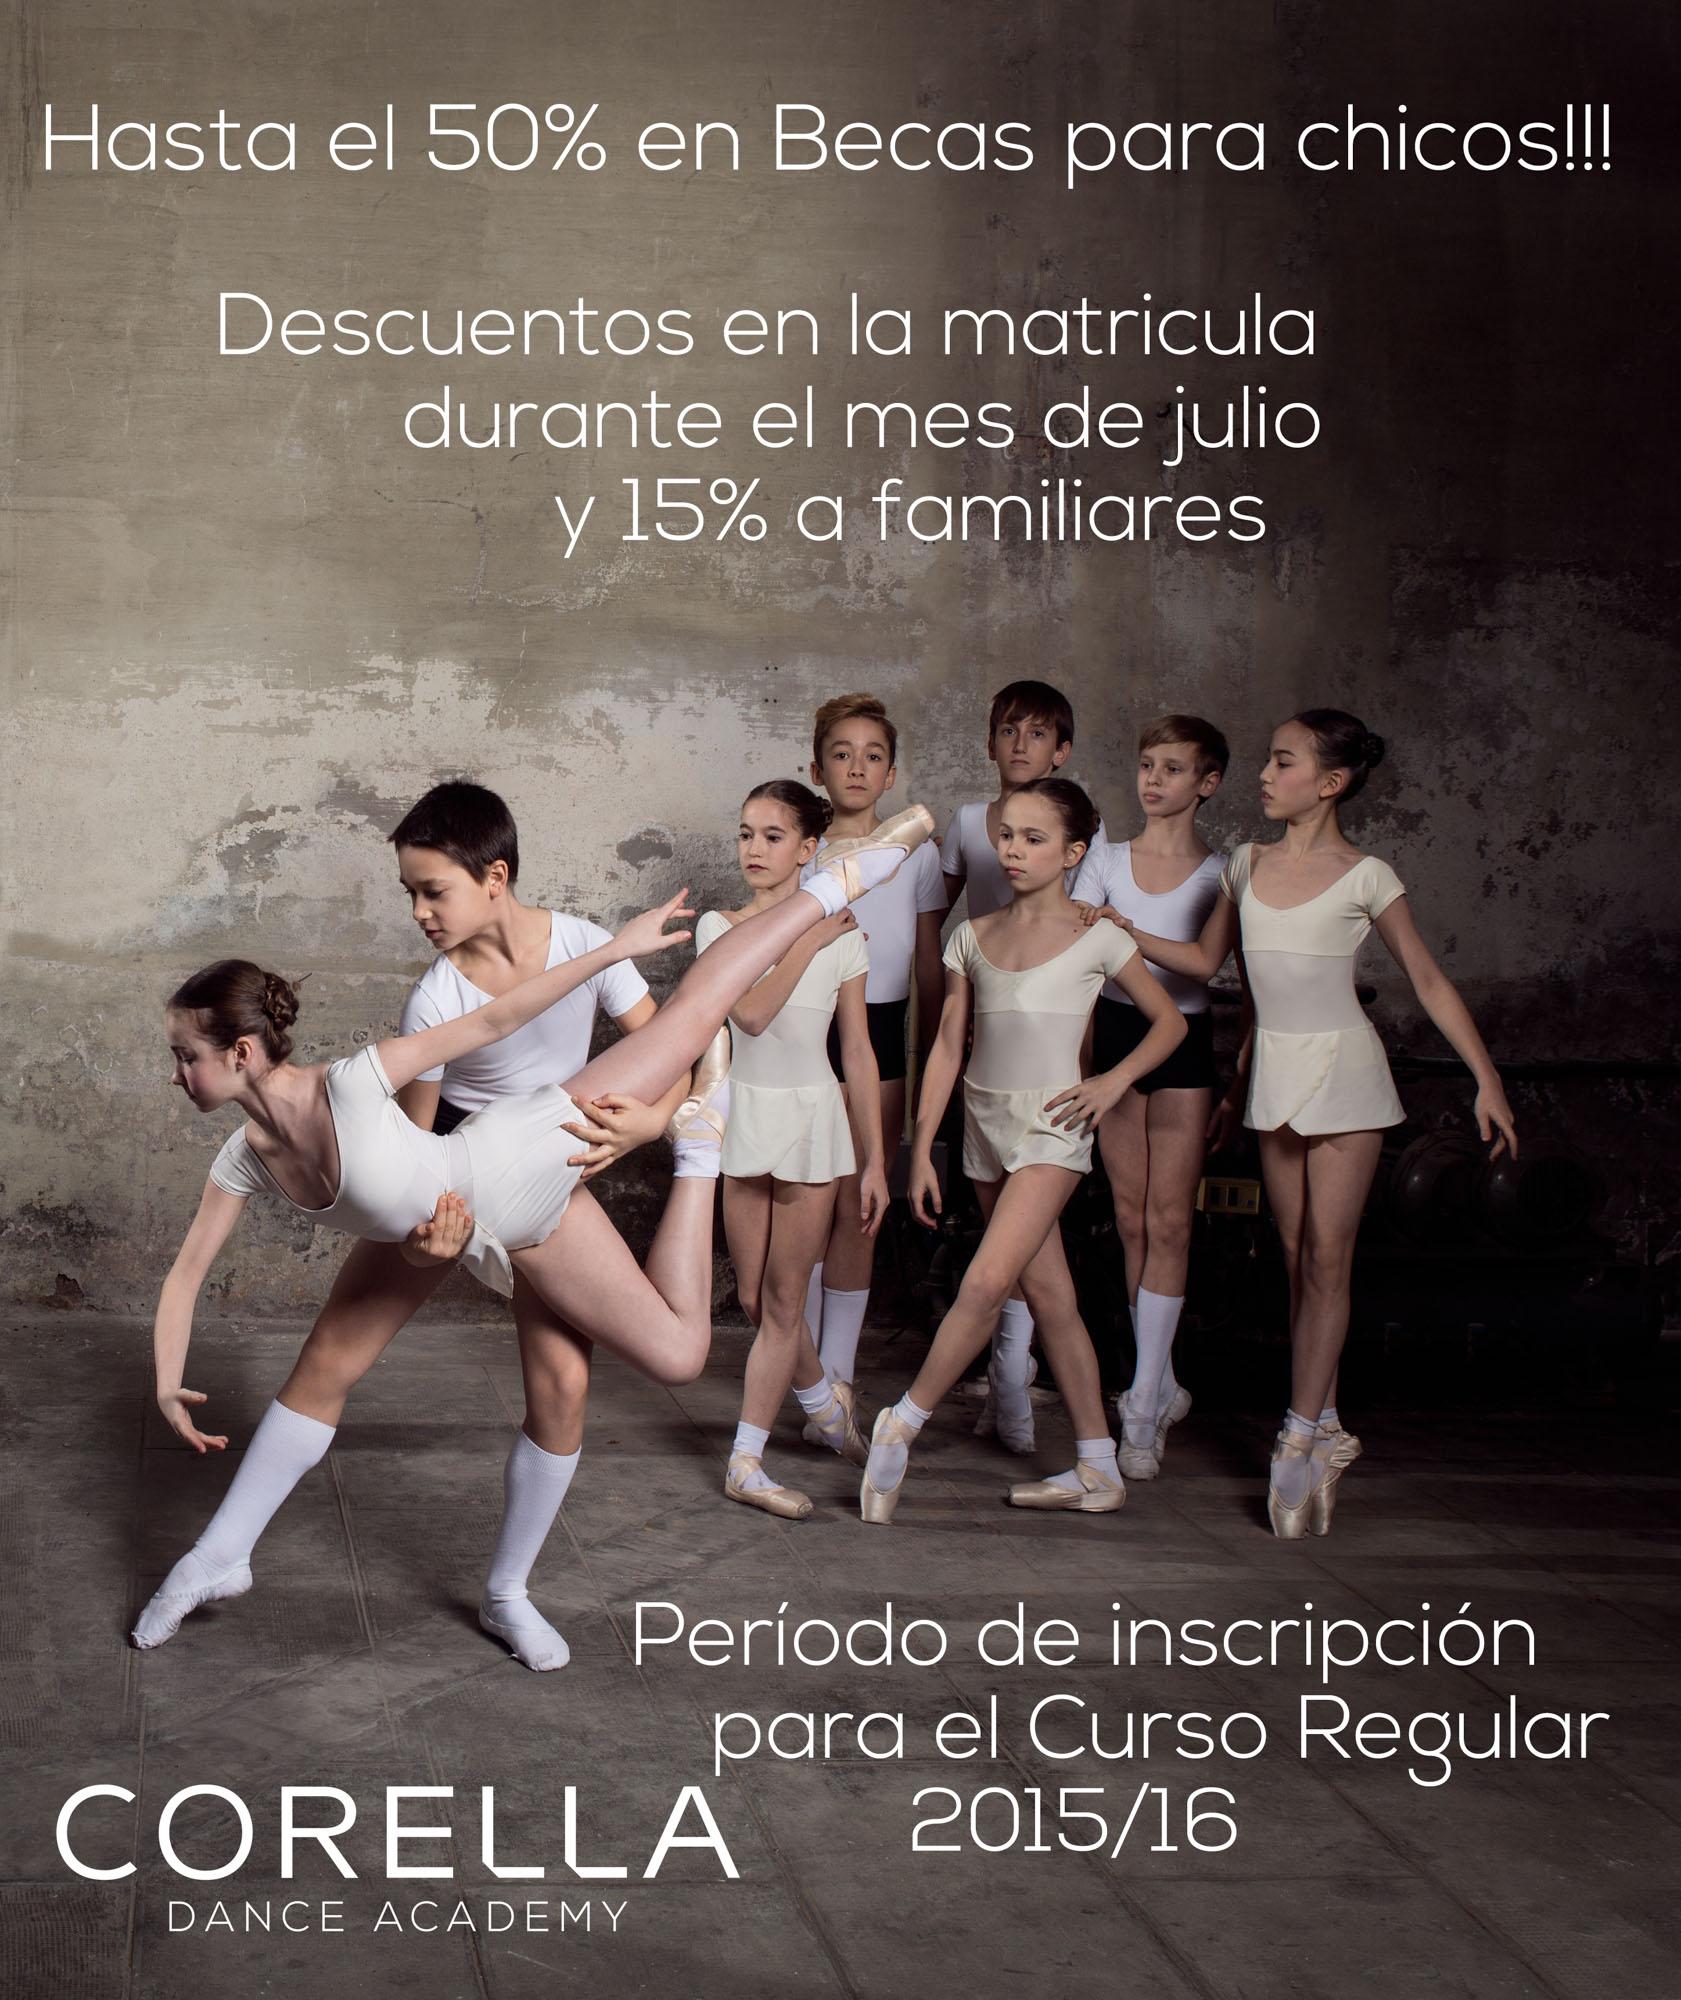 Becas y promociones 2015/16